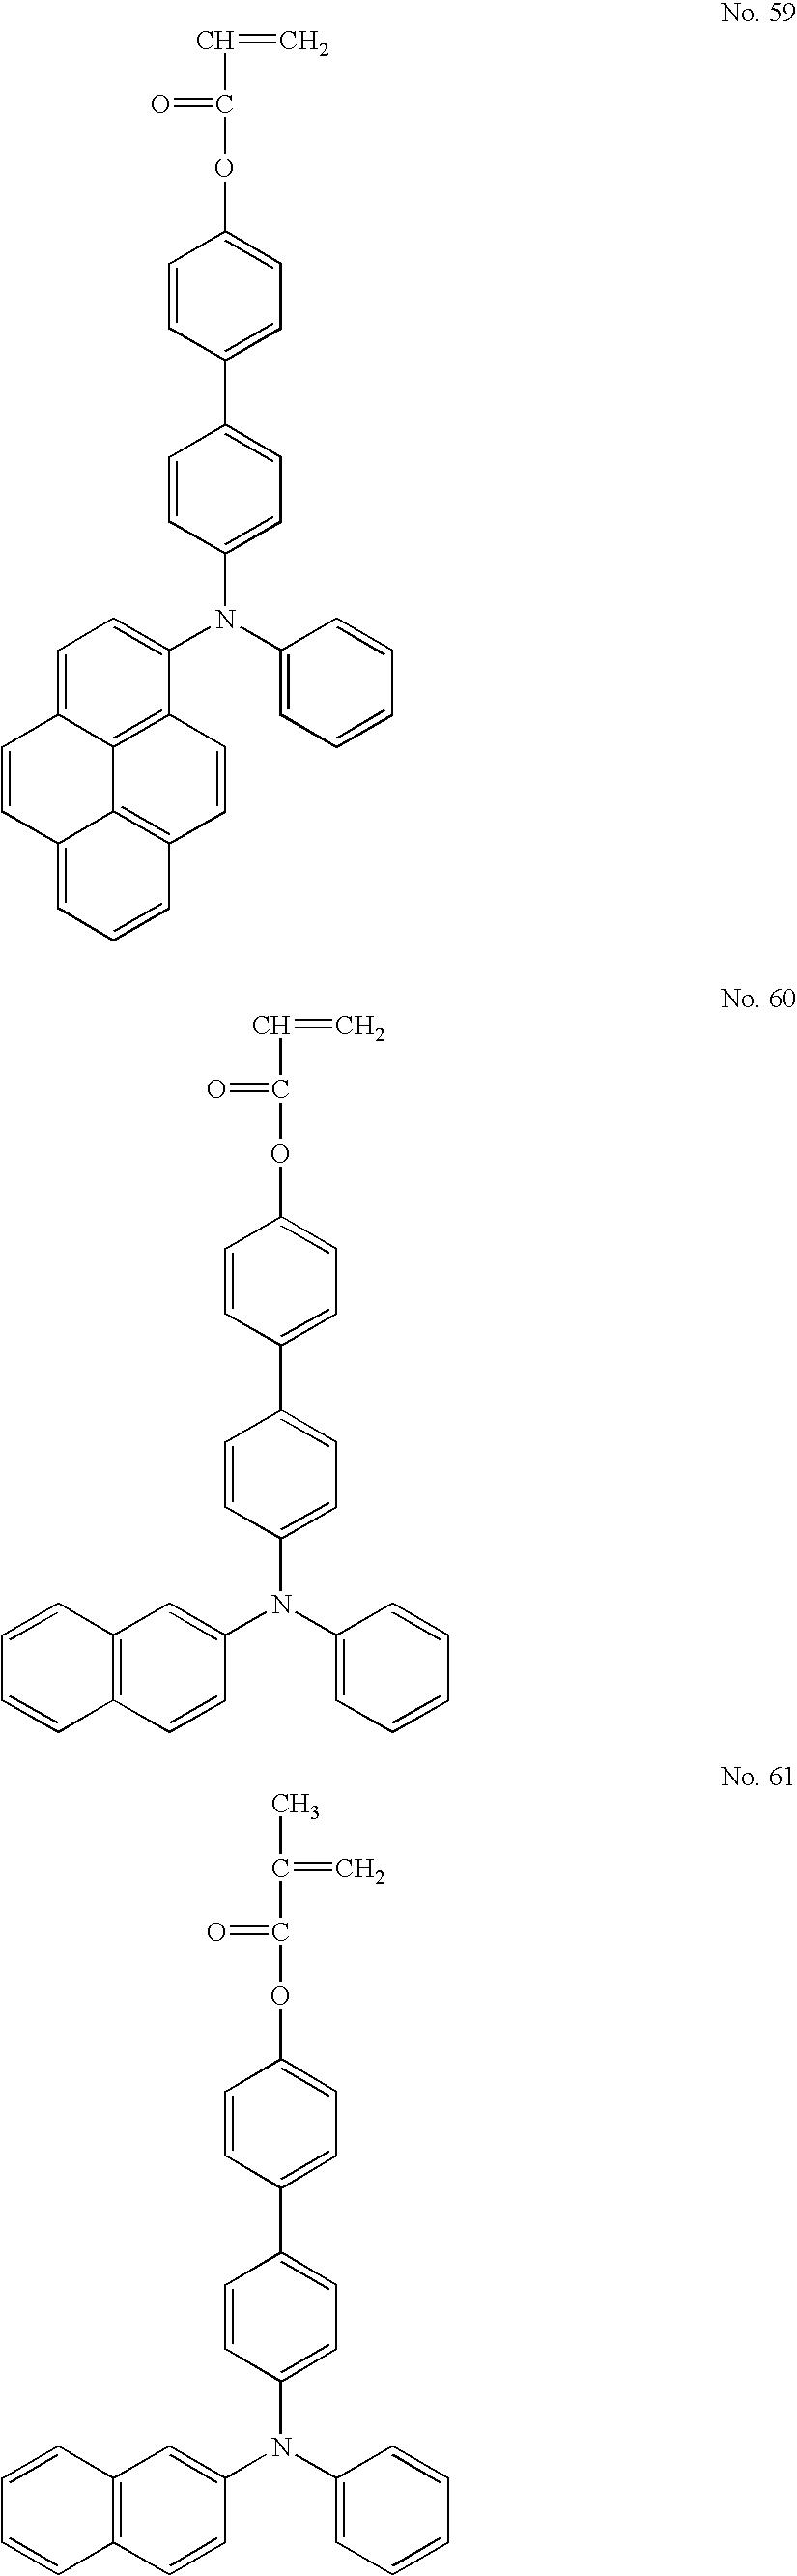 Figure US07824830-20101102-C00035